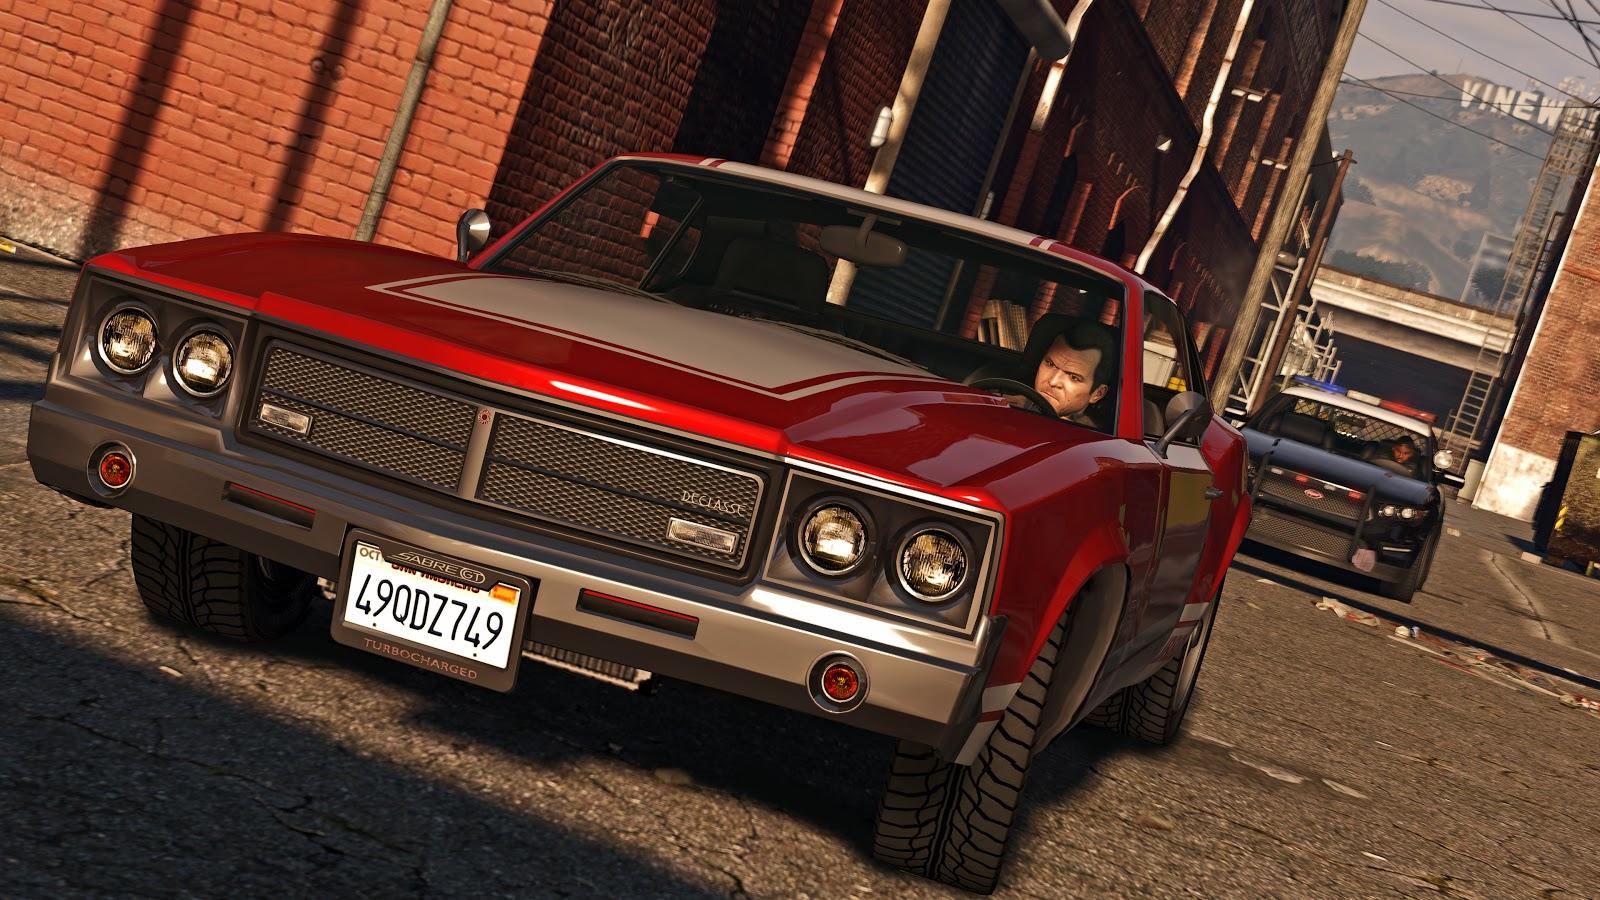 Знижені ціни в країнах СНД на Grand Theft Auto V і GTA Online